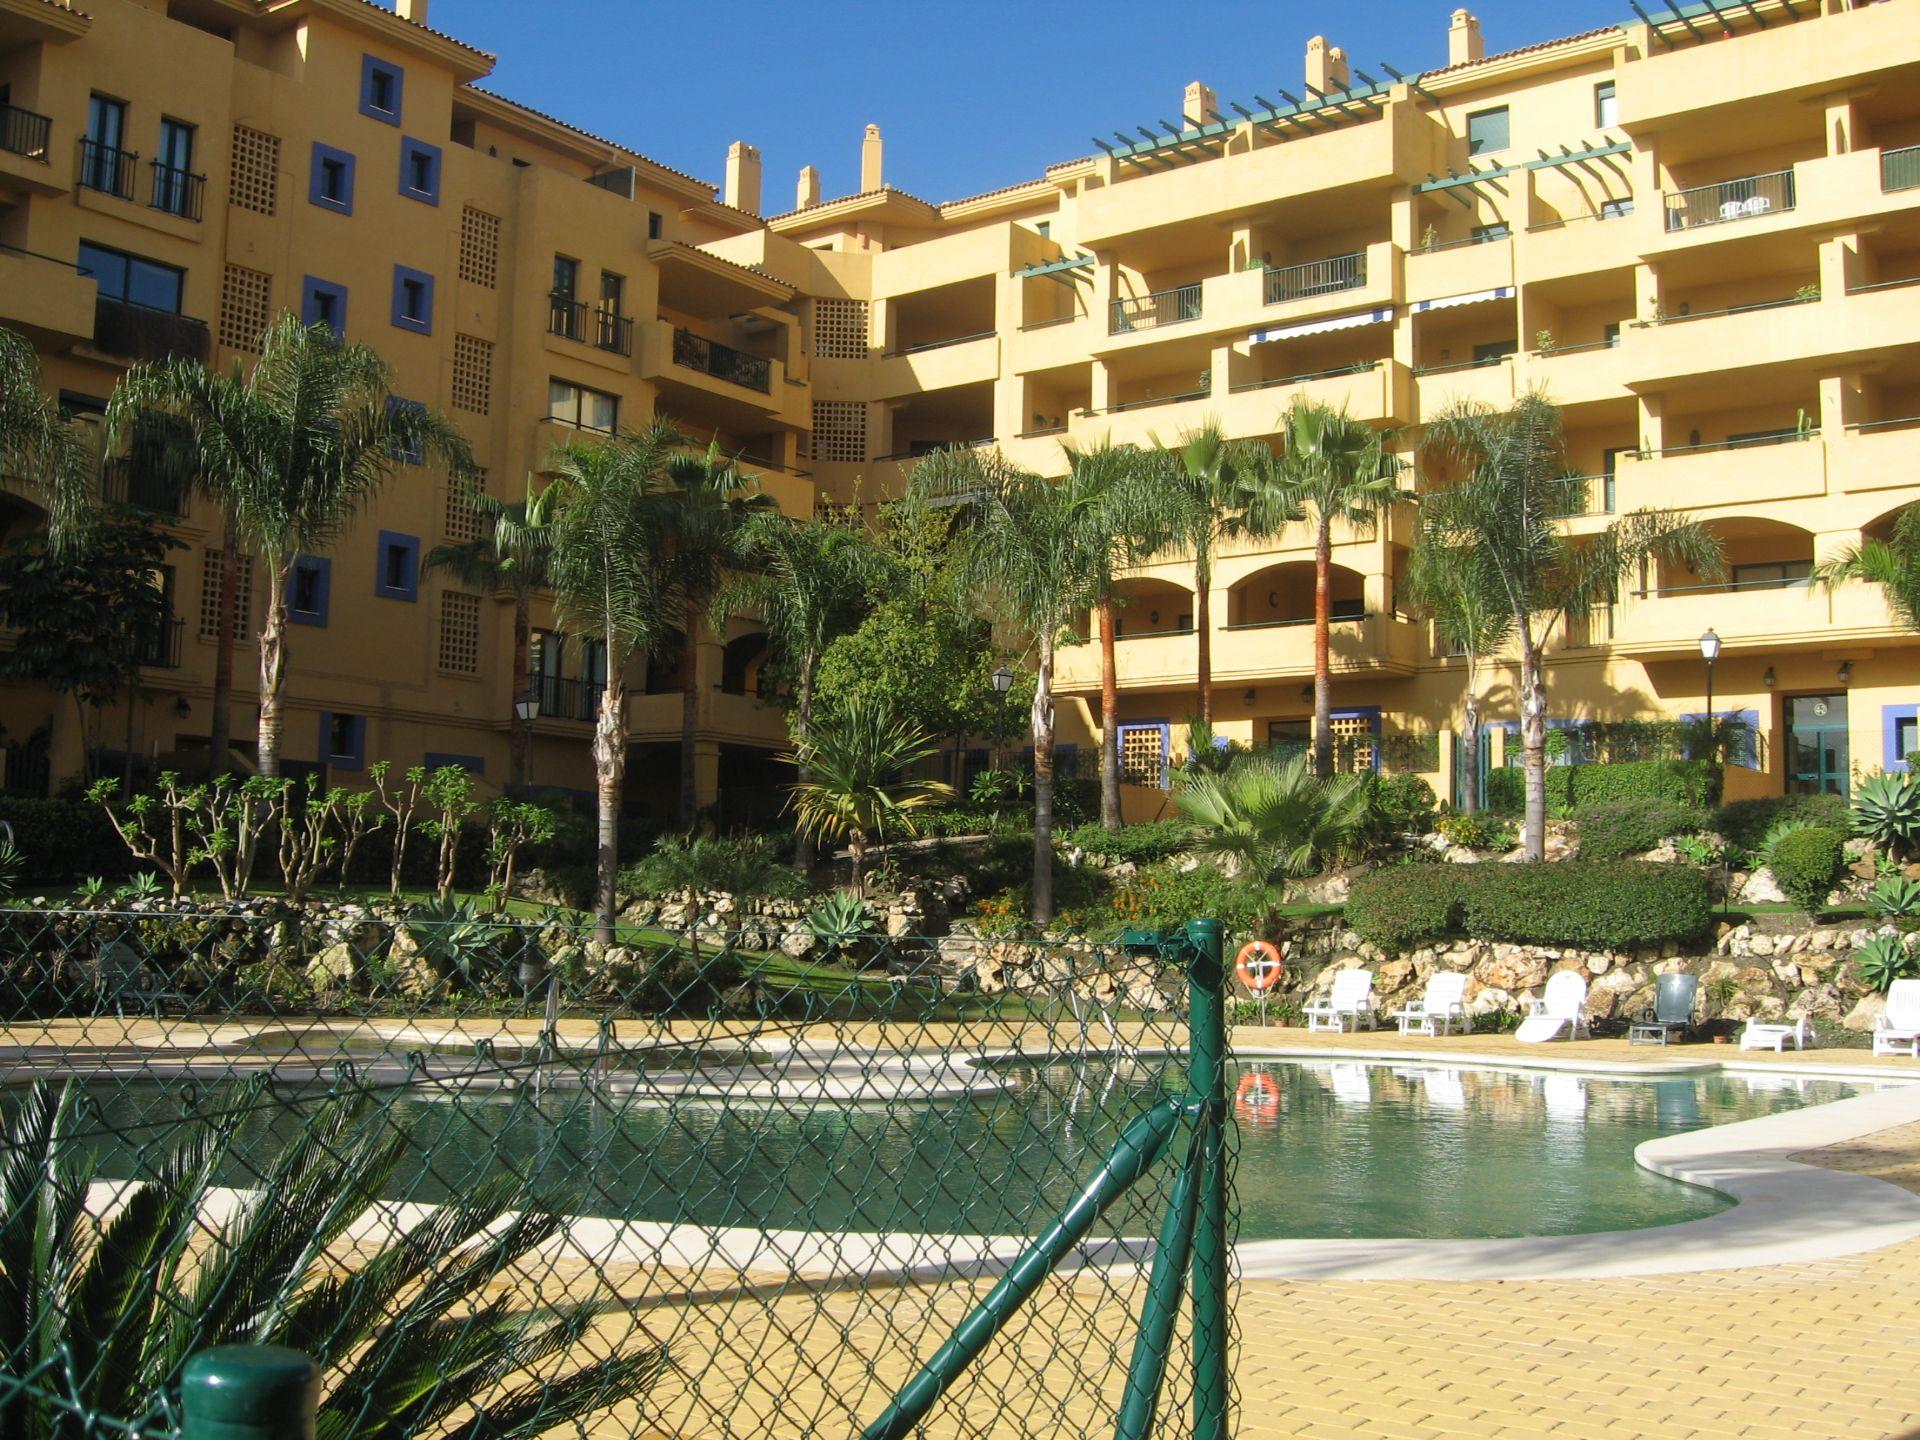 Apartment in San Pedro de Alcántara, San Pedro de Alcántara playa, for sale